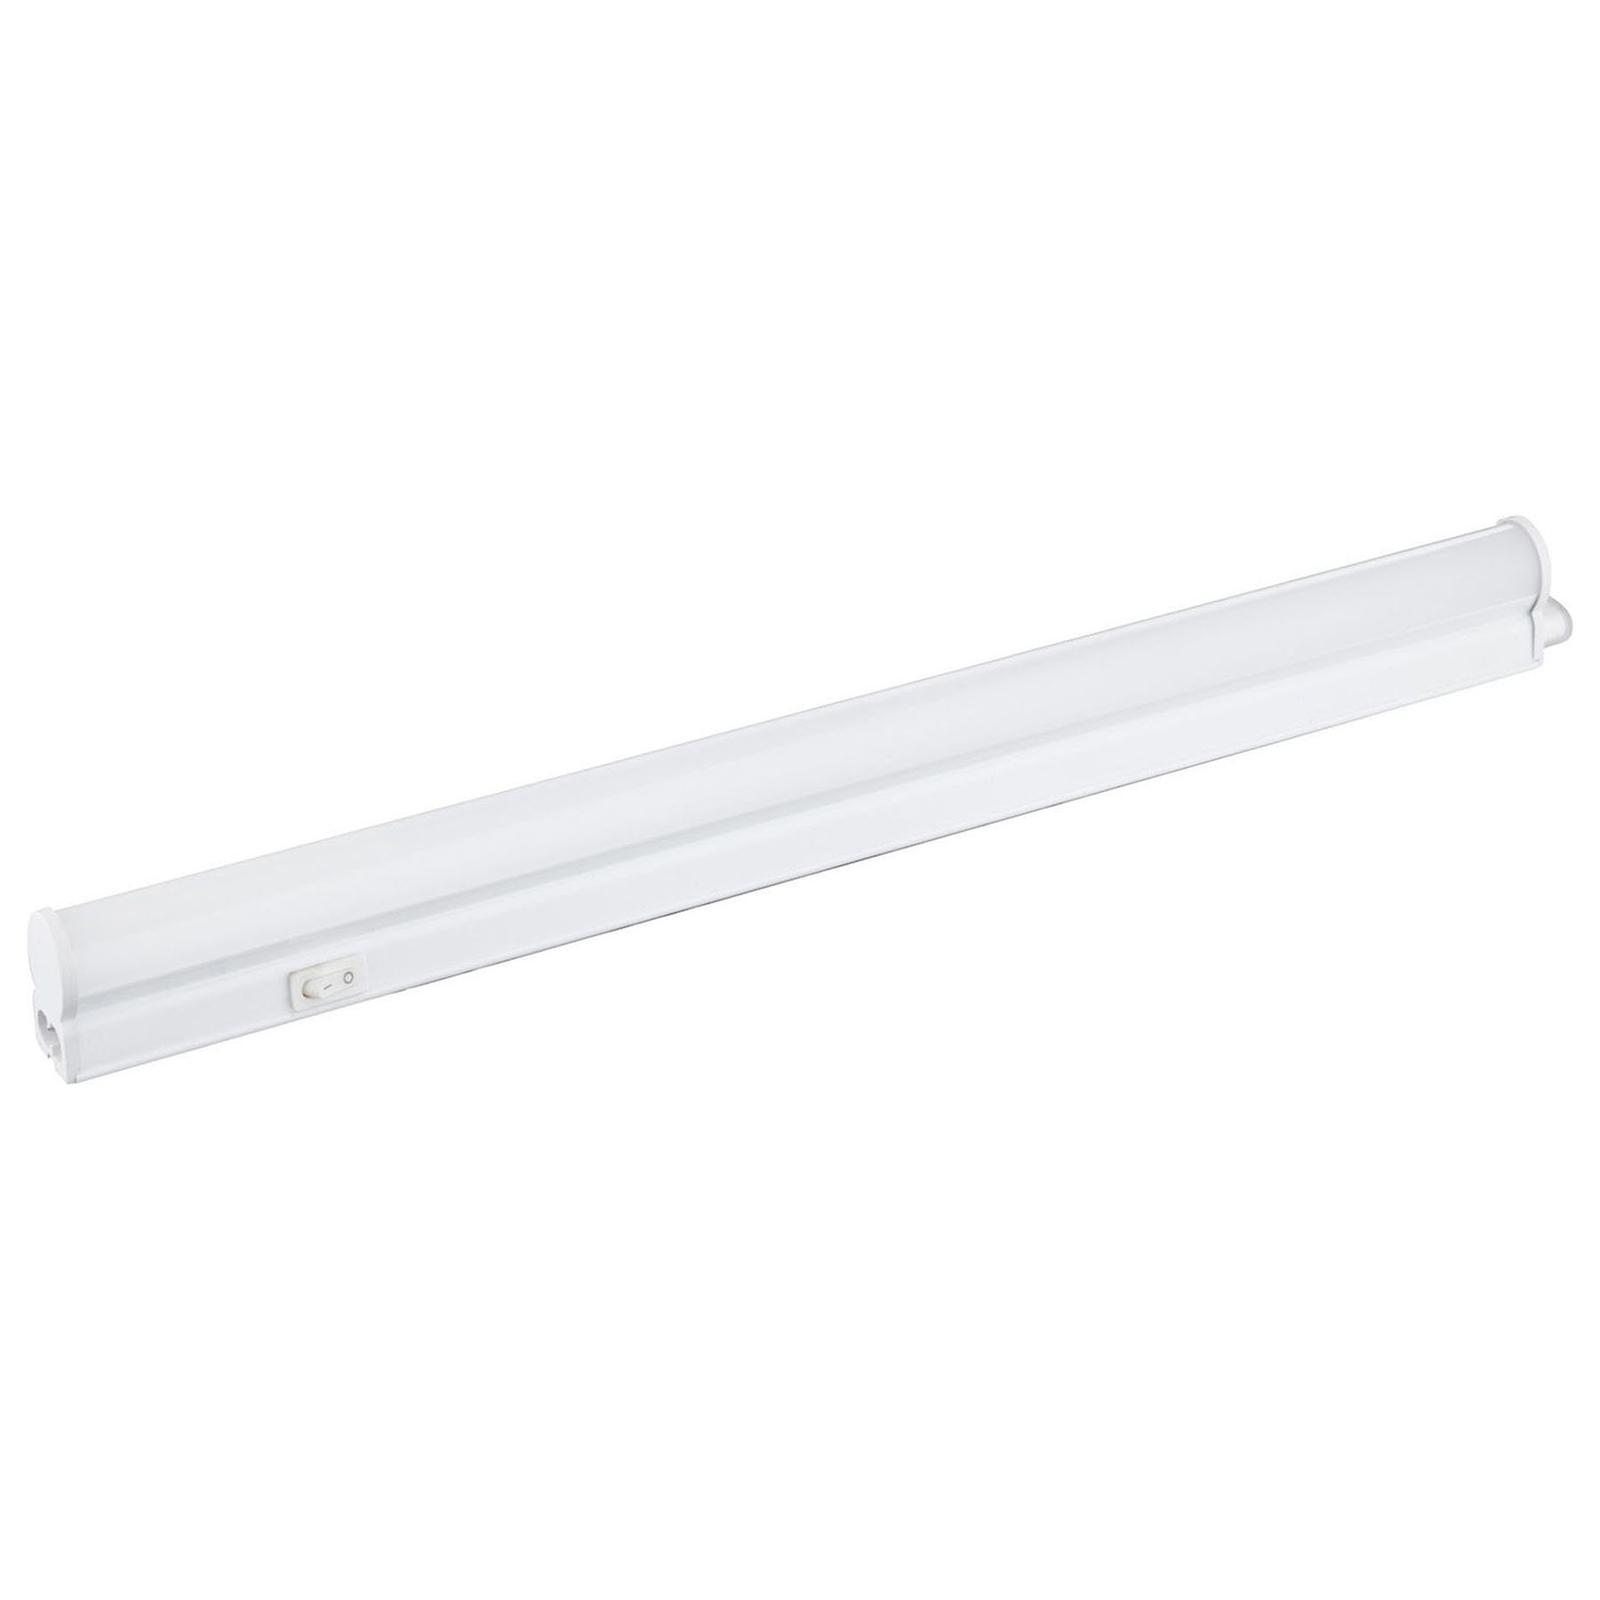 LED-benkbelysning Cake med bryter, 58 cm lang